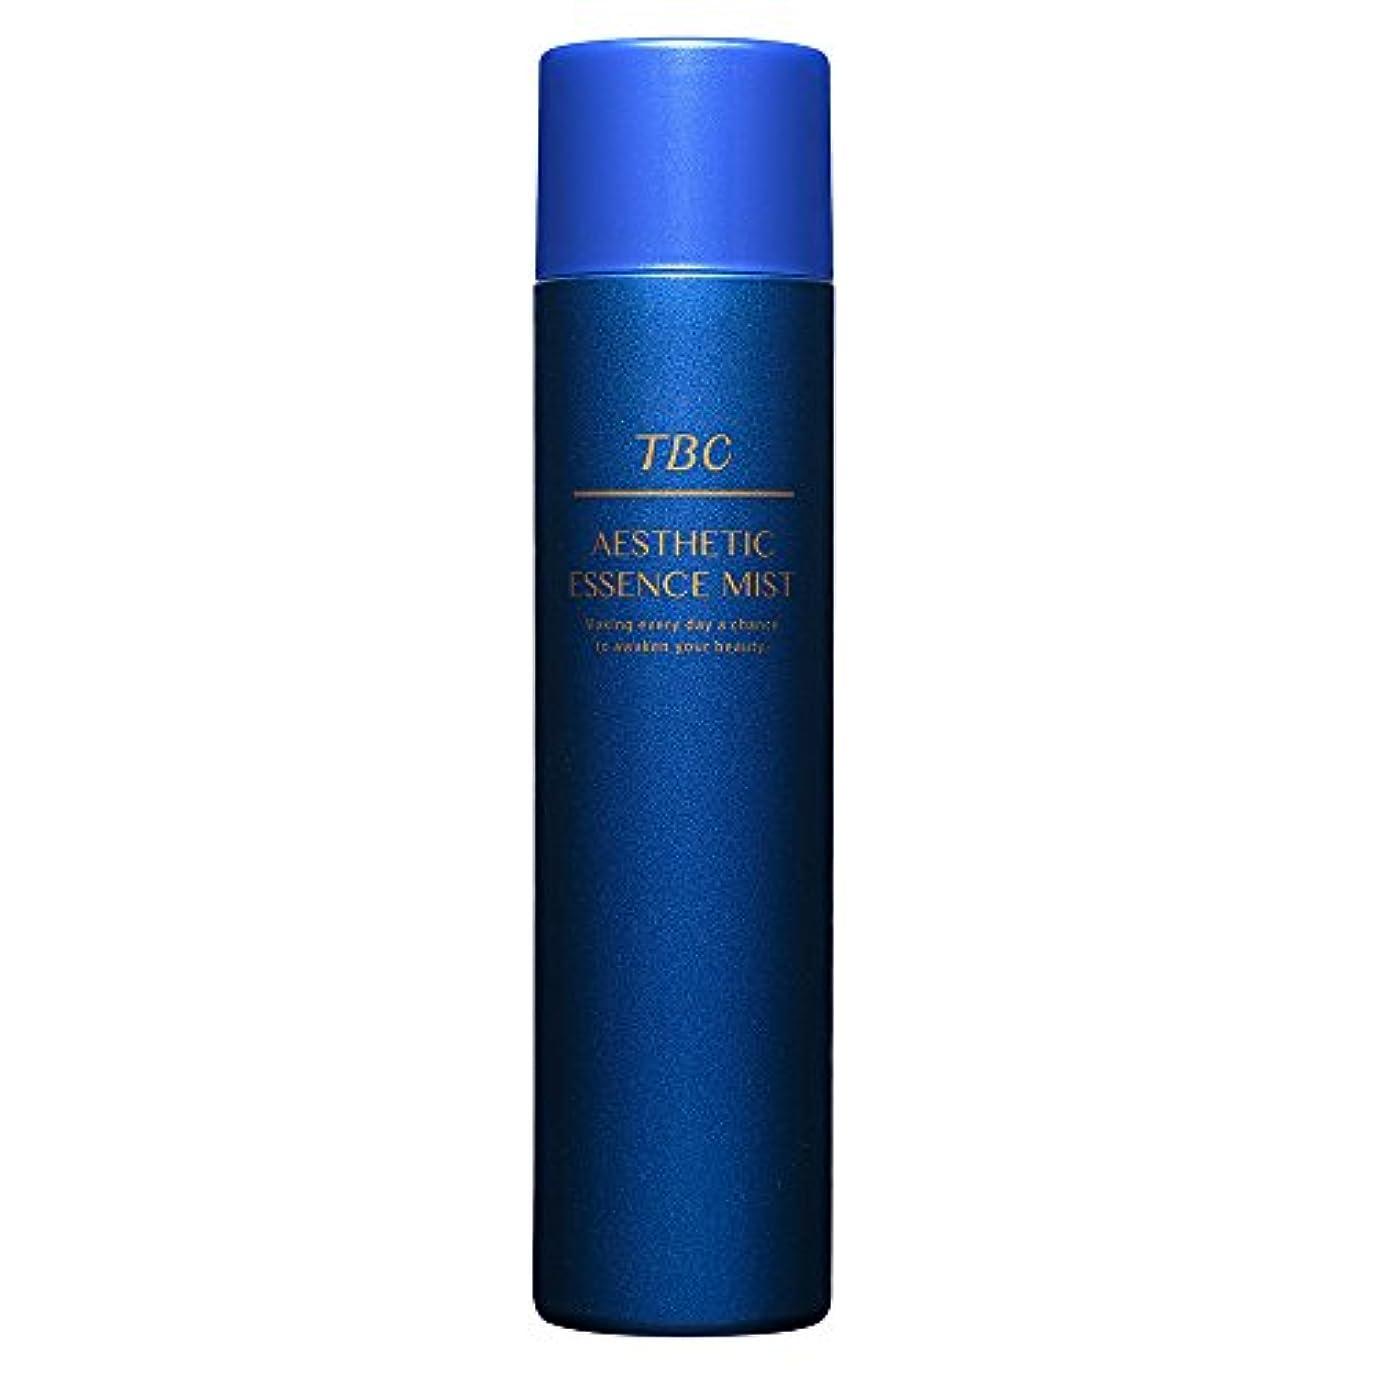 誠実さクレーターアジアTBC エステティックエッセンスミスト 化粧水/炭酸ミスト/美容液/スプレータイプ/エステ